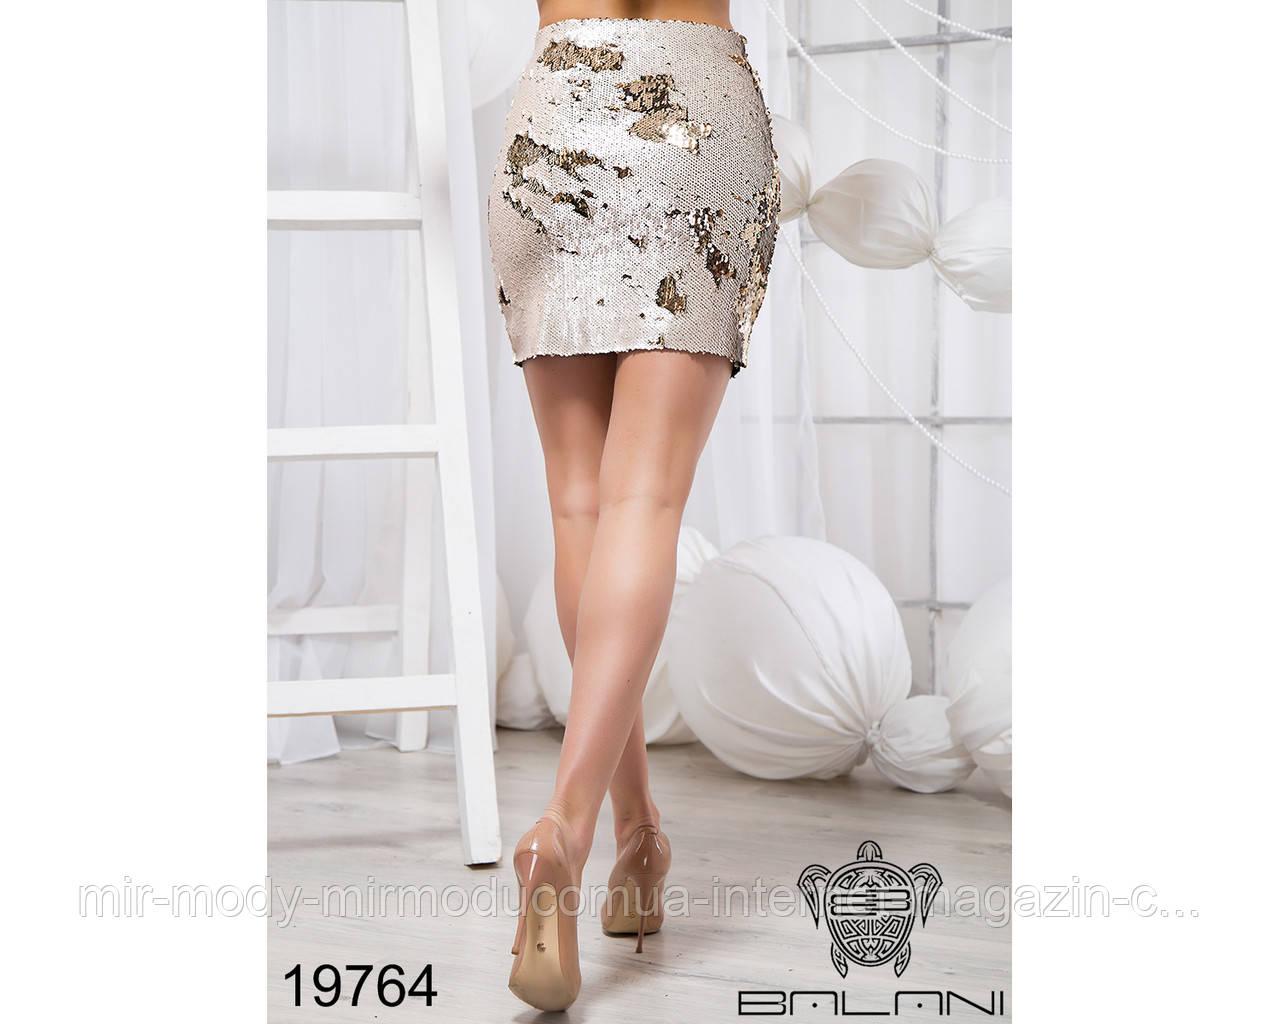 Укороченная юбка - 19764 бн